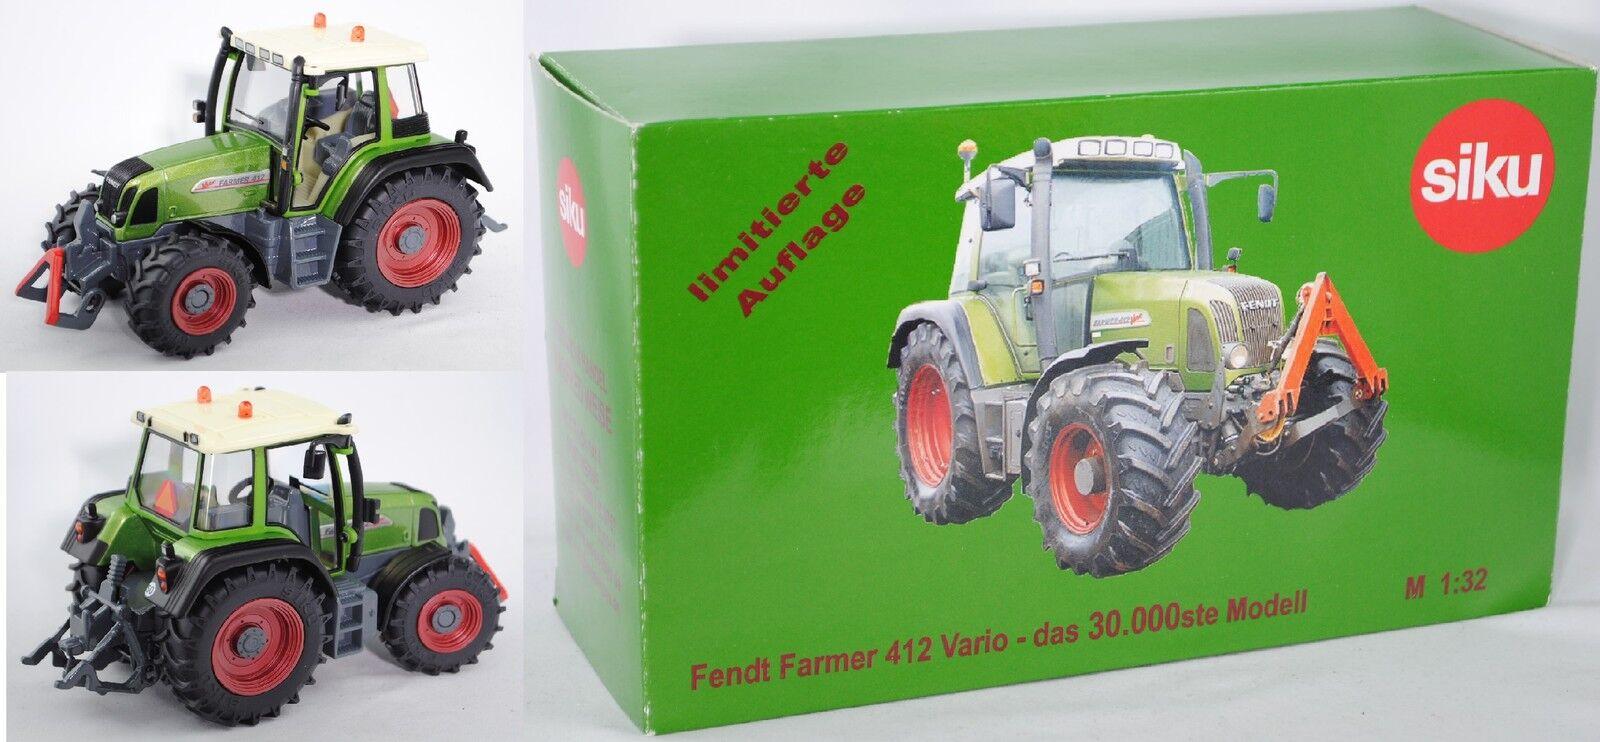 Siku Farmer 2968 Fendt Farmer 412 vario  modello 30.000ste  1 32 modello speciale